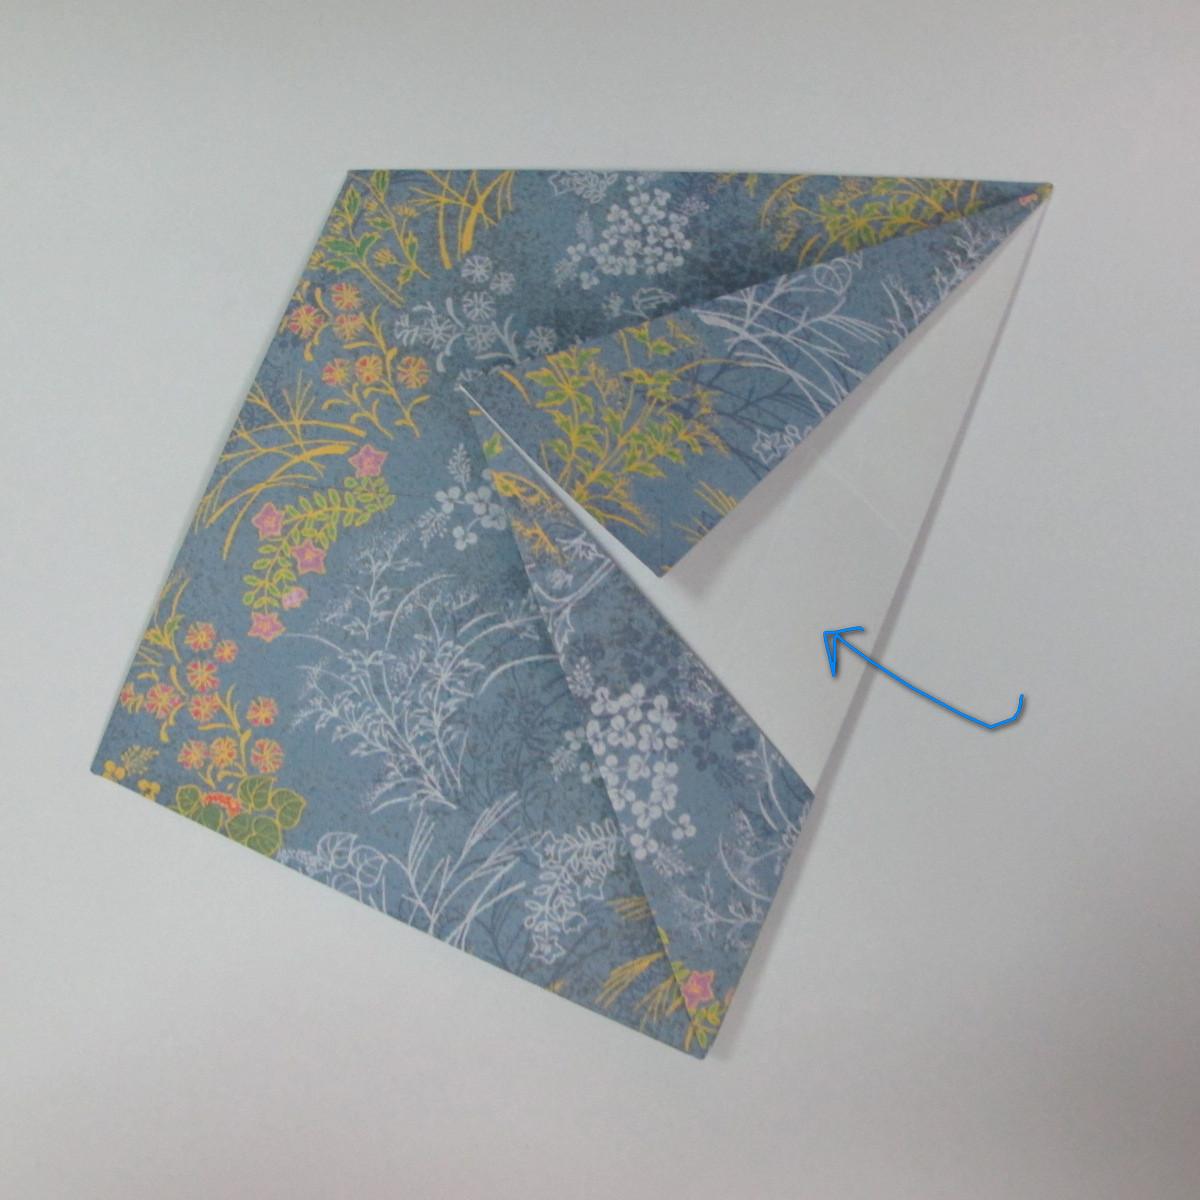 วิธีการพับกระดาษเป็นรูปม้า (Origami Horse) 025